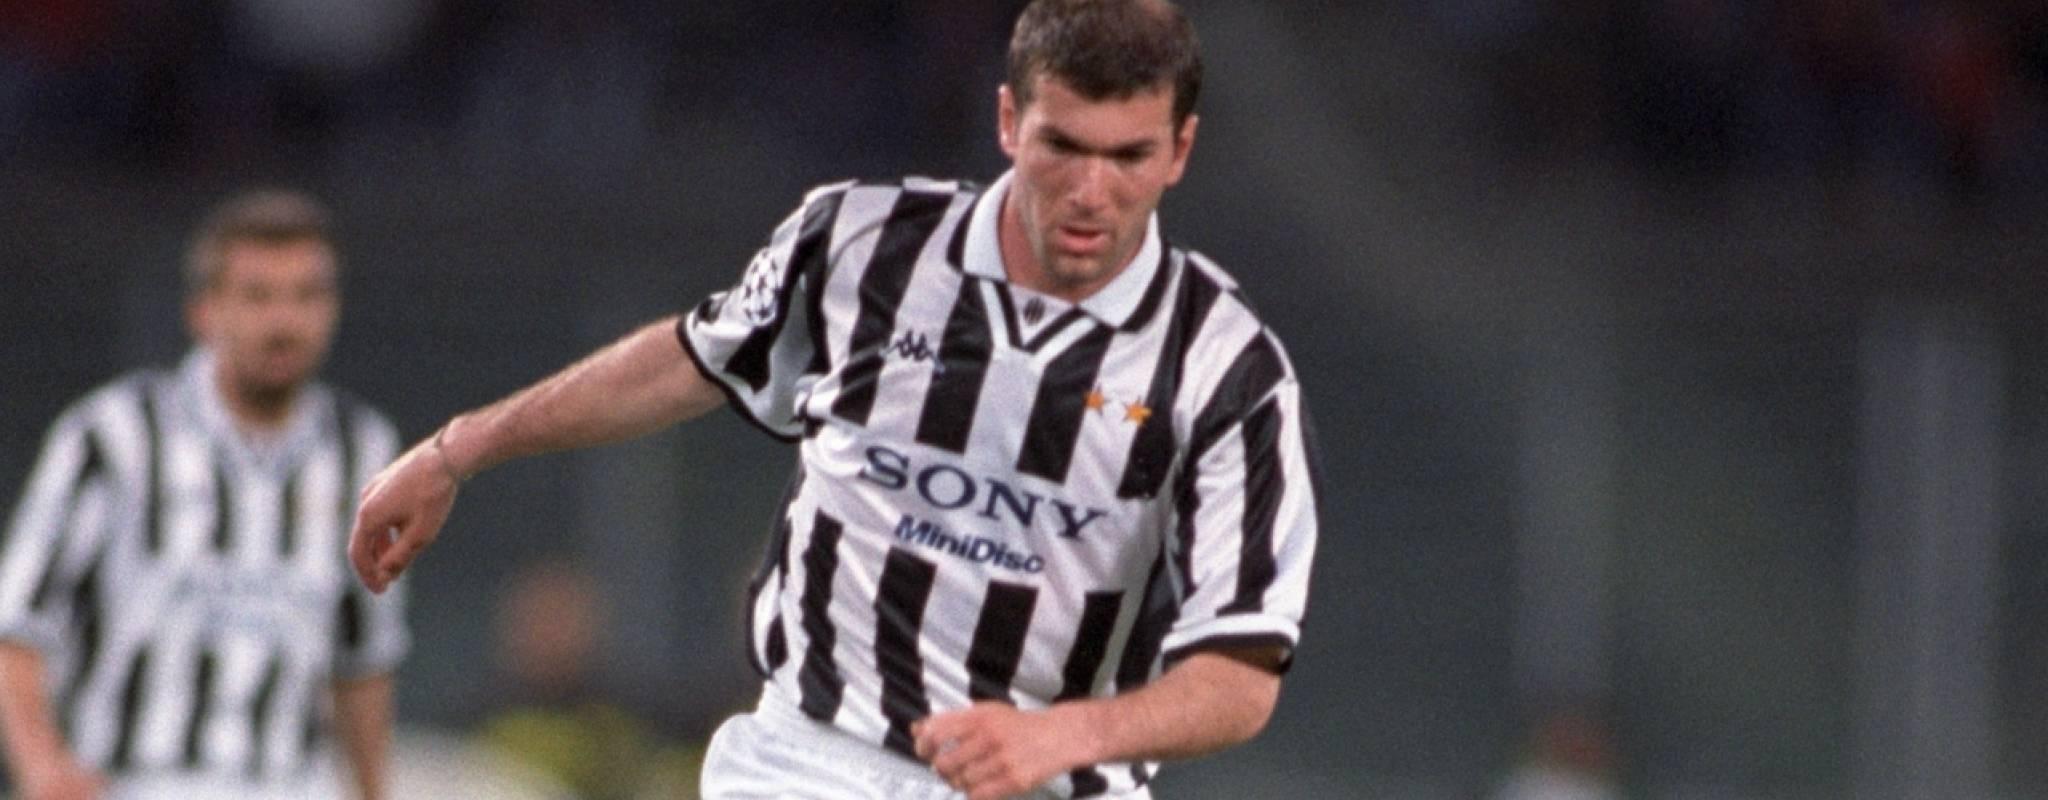 Zinedine Zidane Juventus Ajax 1997